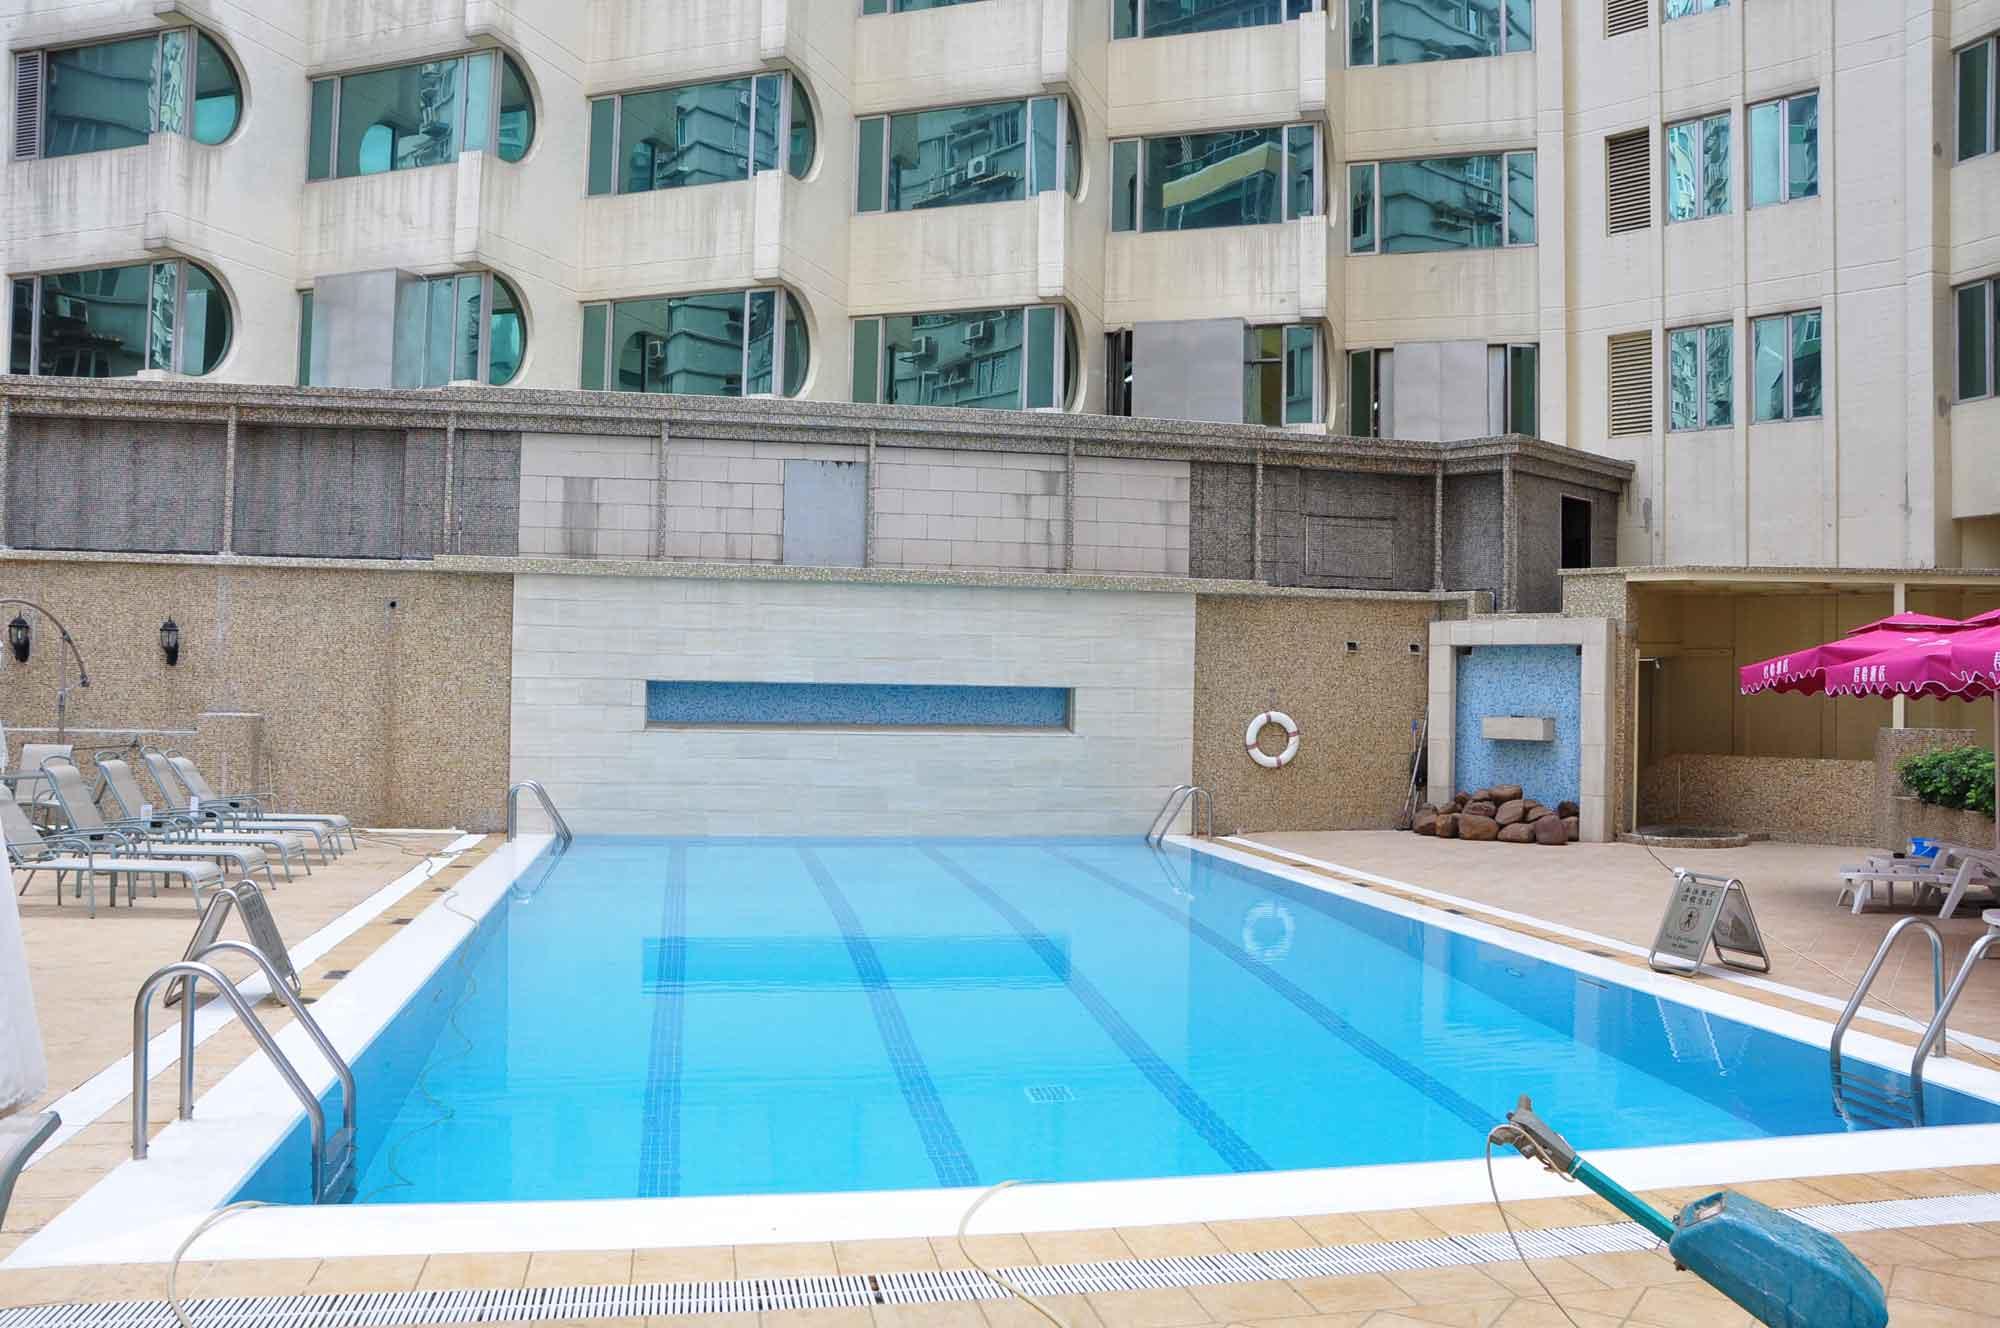 Grandview Hotel Macau swimming pool